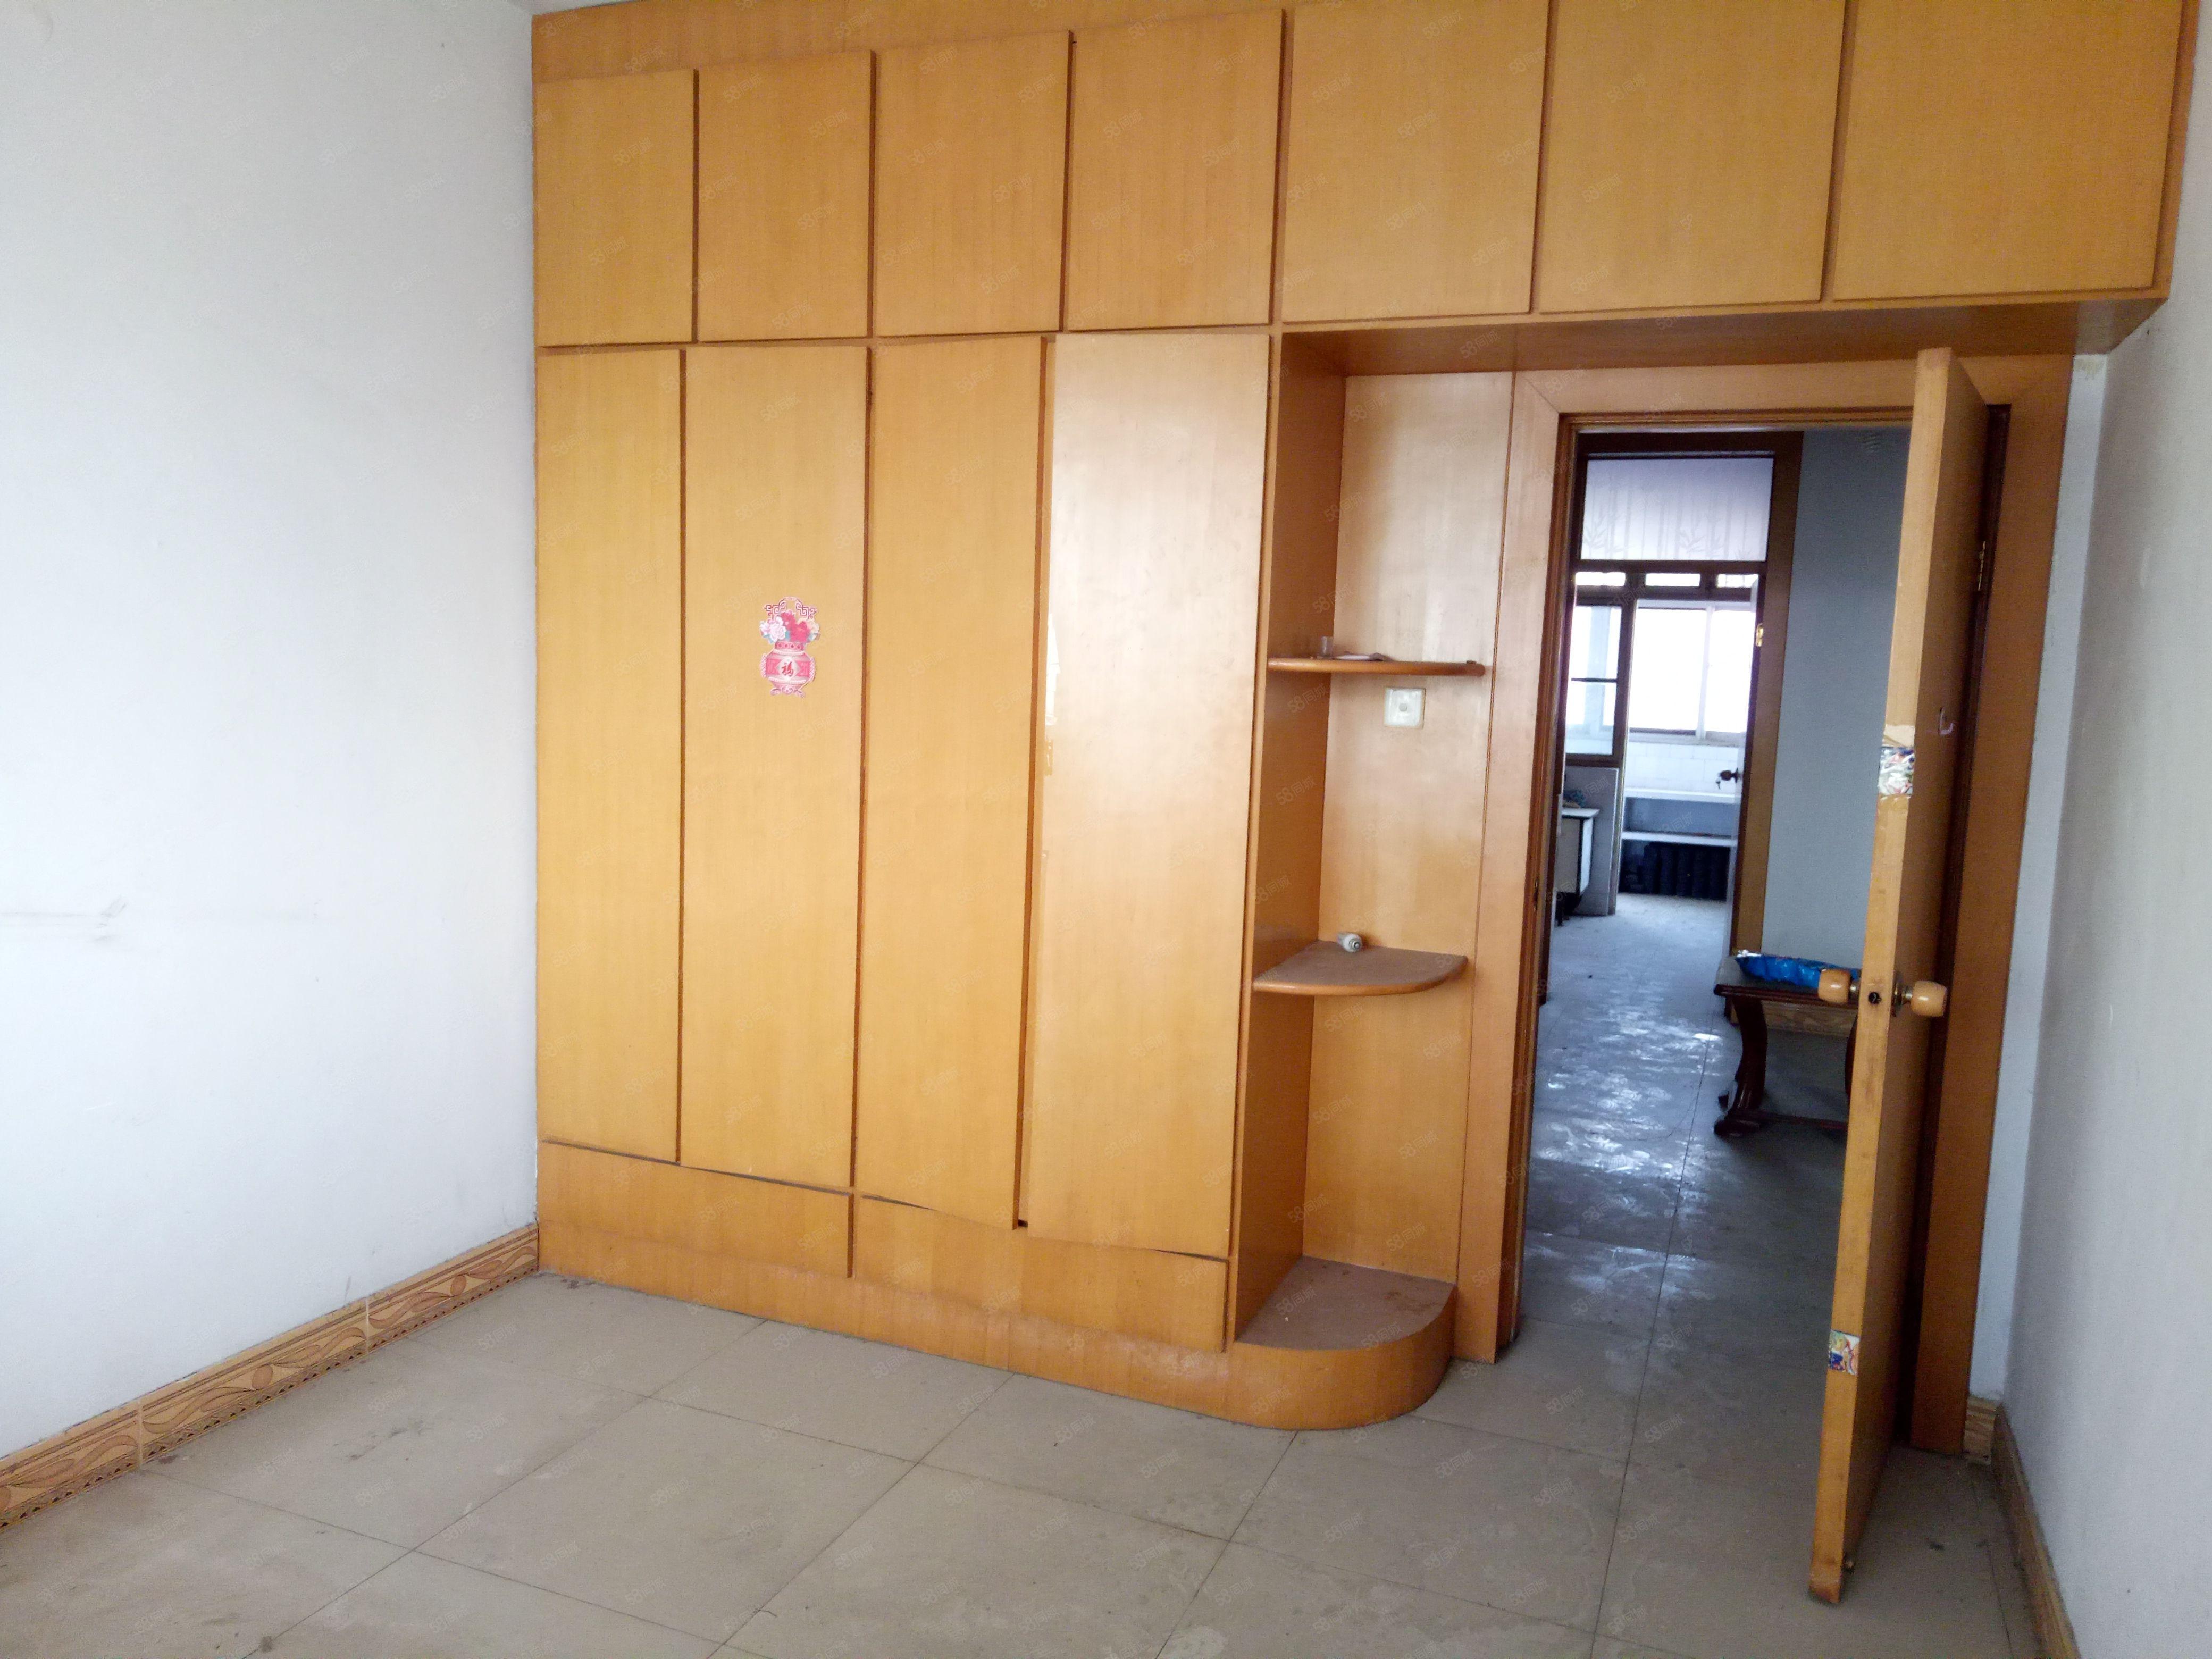 幸福花开附近3室1厅1卫地段好交通方便随时看房